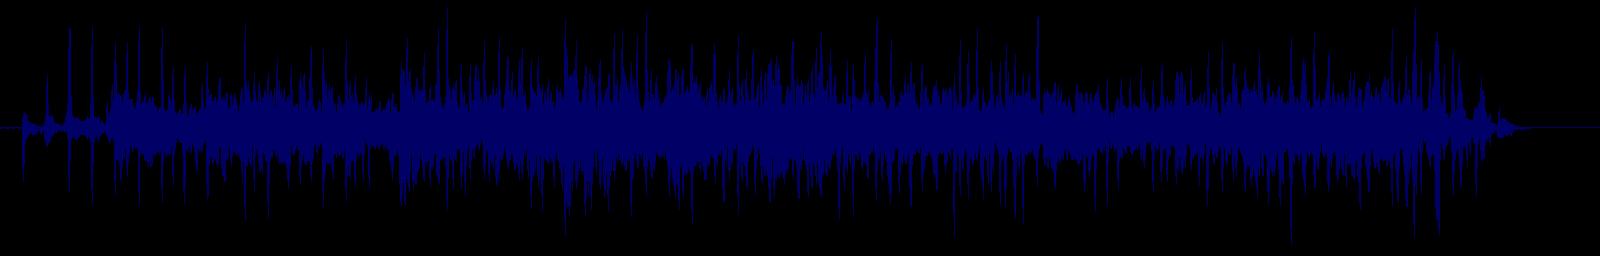 waveform of track #145113